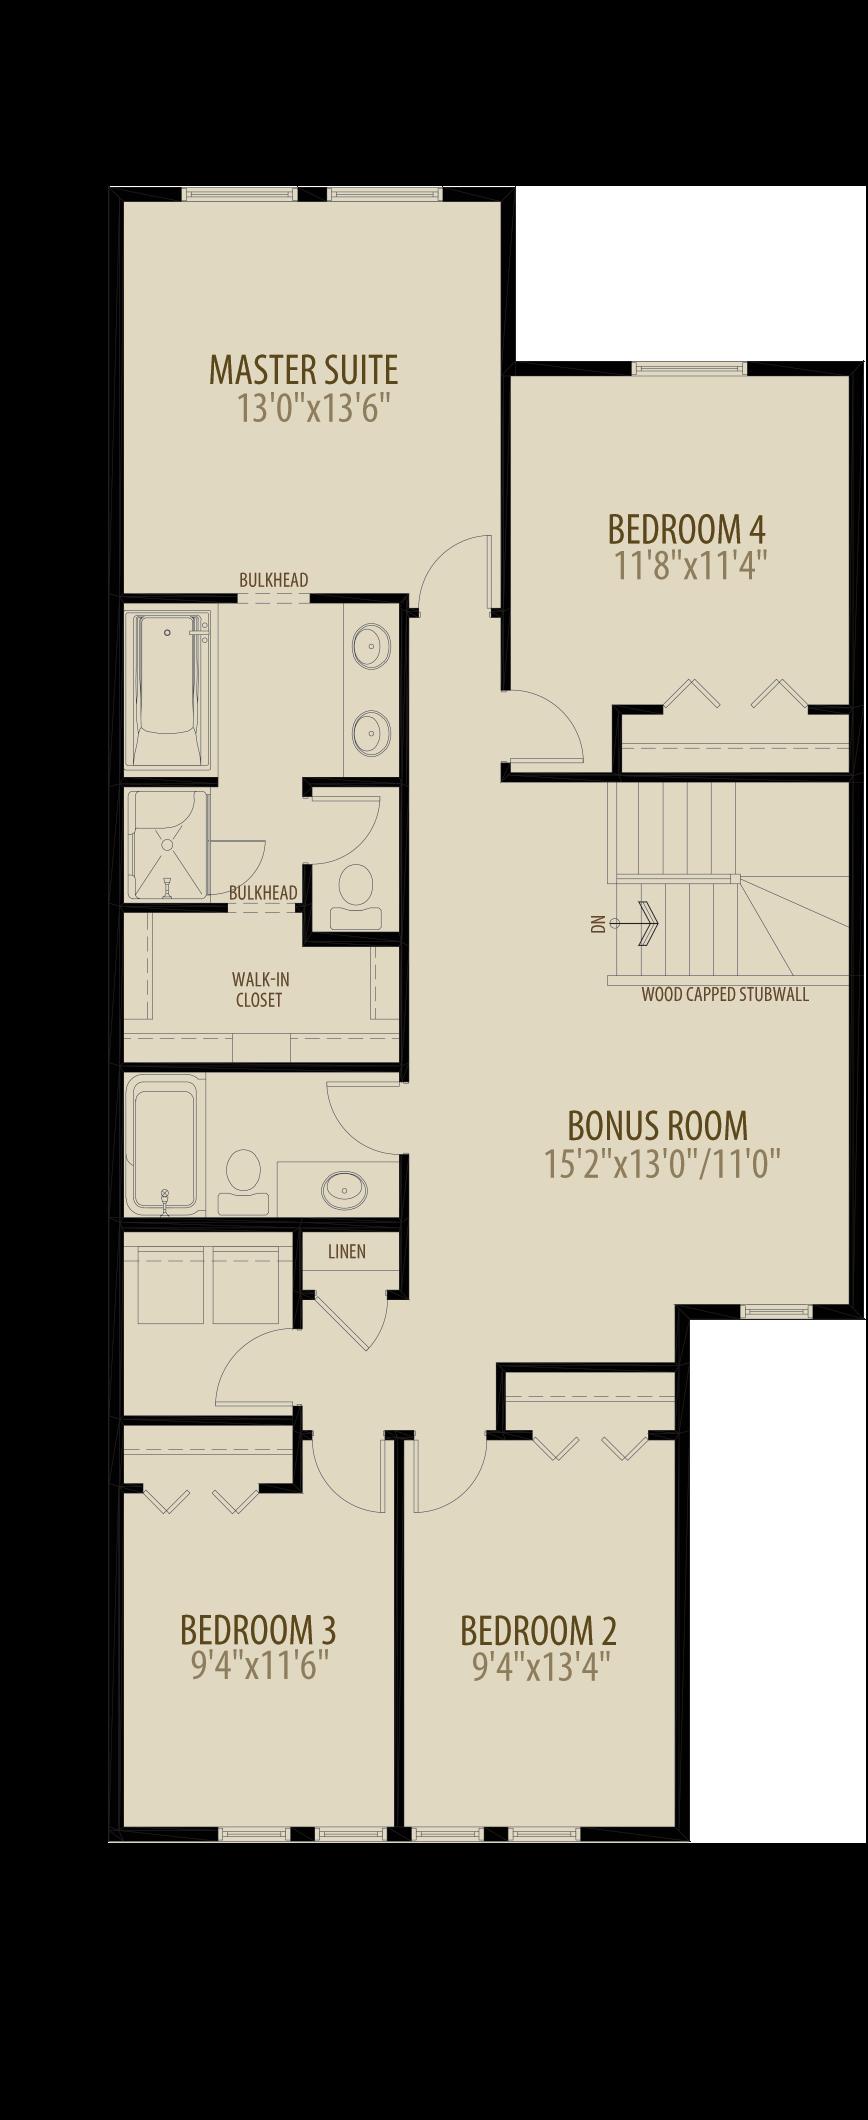 4th Bedroom Bonus Room Adds 104 sq ft (Standard Plan for Livingston)